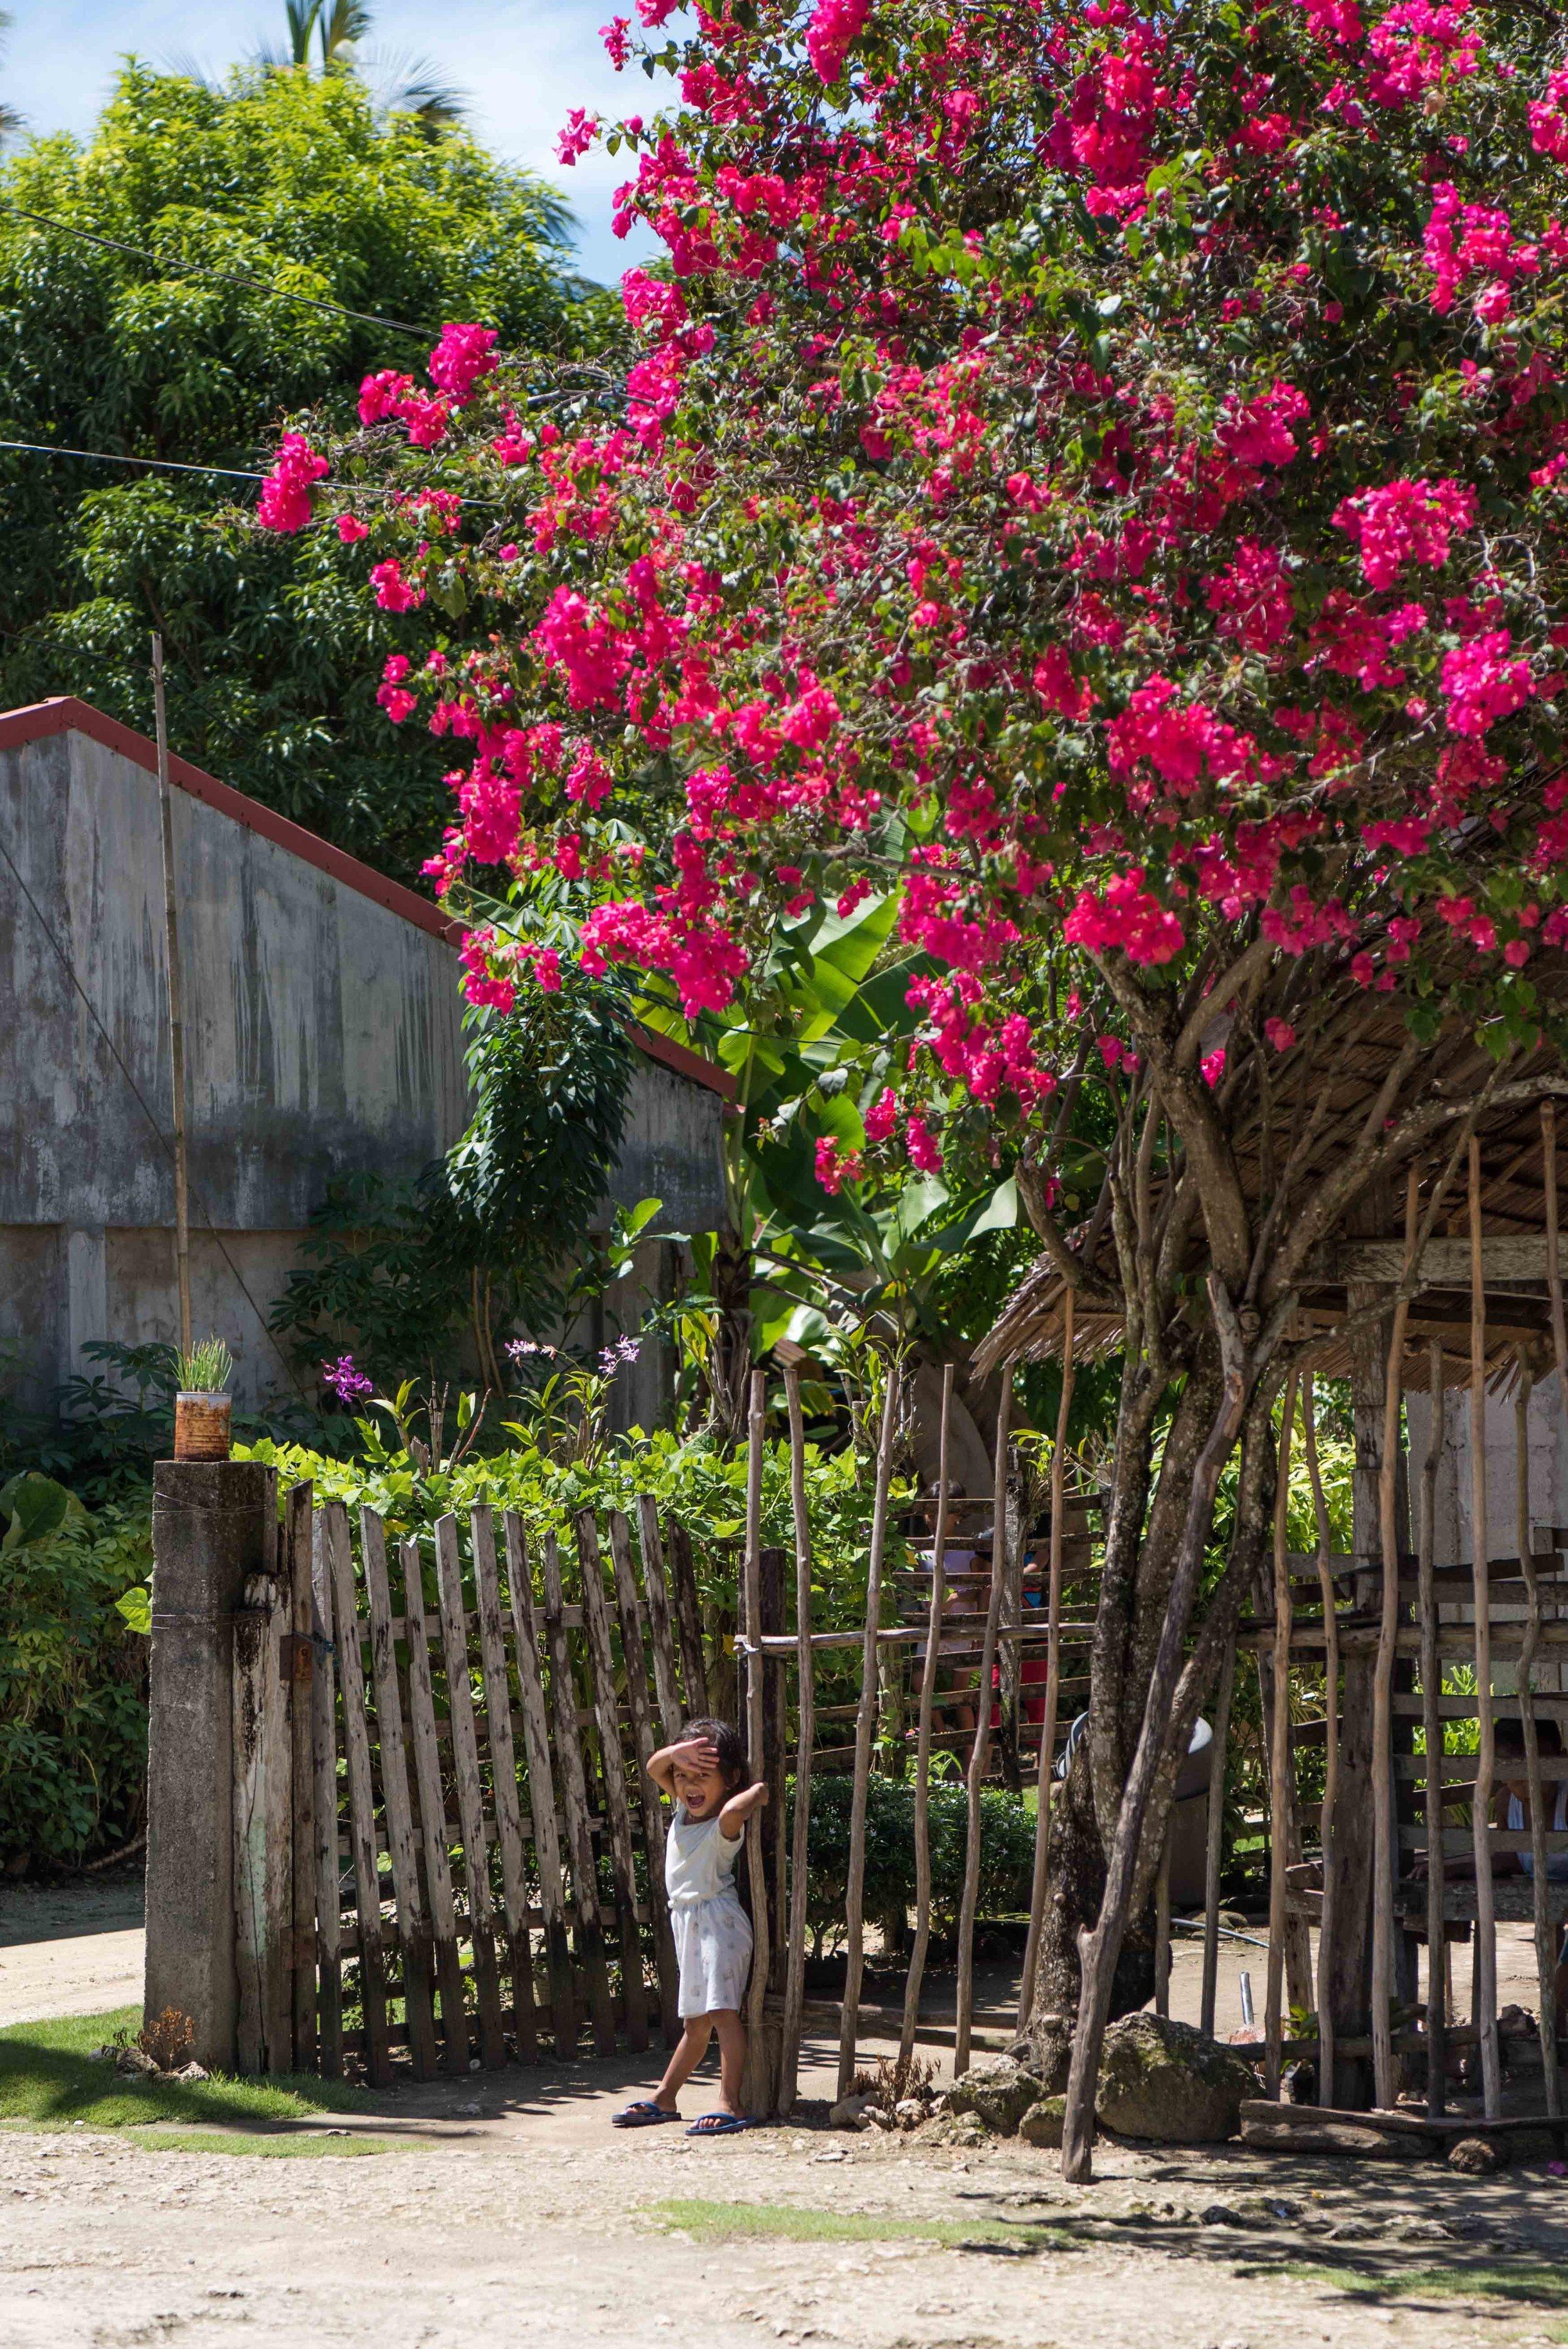 Olivia Thébaut - Siargao, Philippines